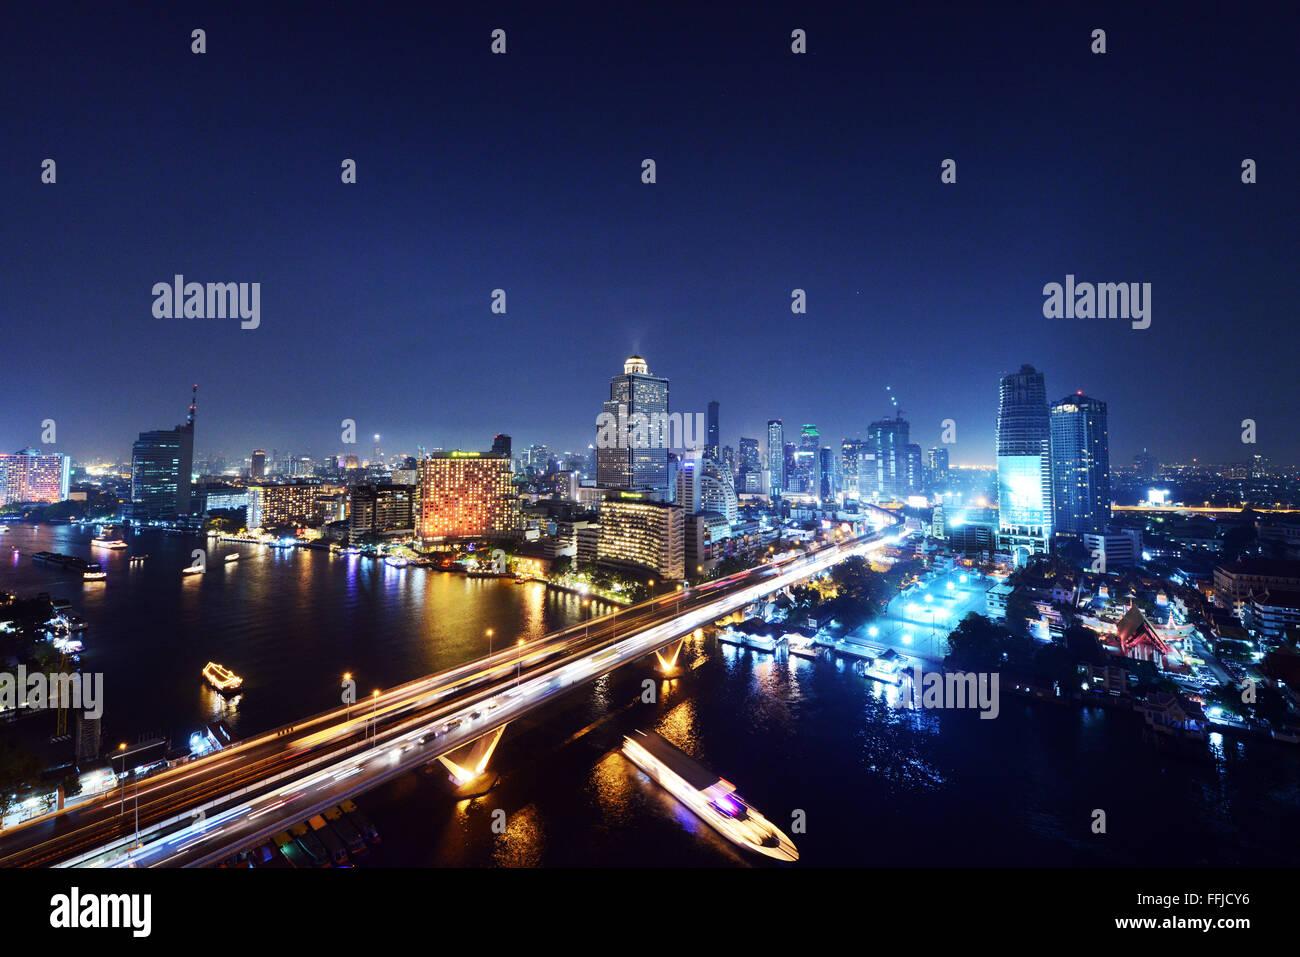 Una bella vista notturna di Bangkok. Immagini Stock